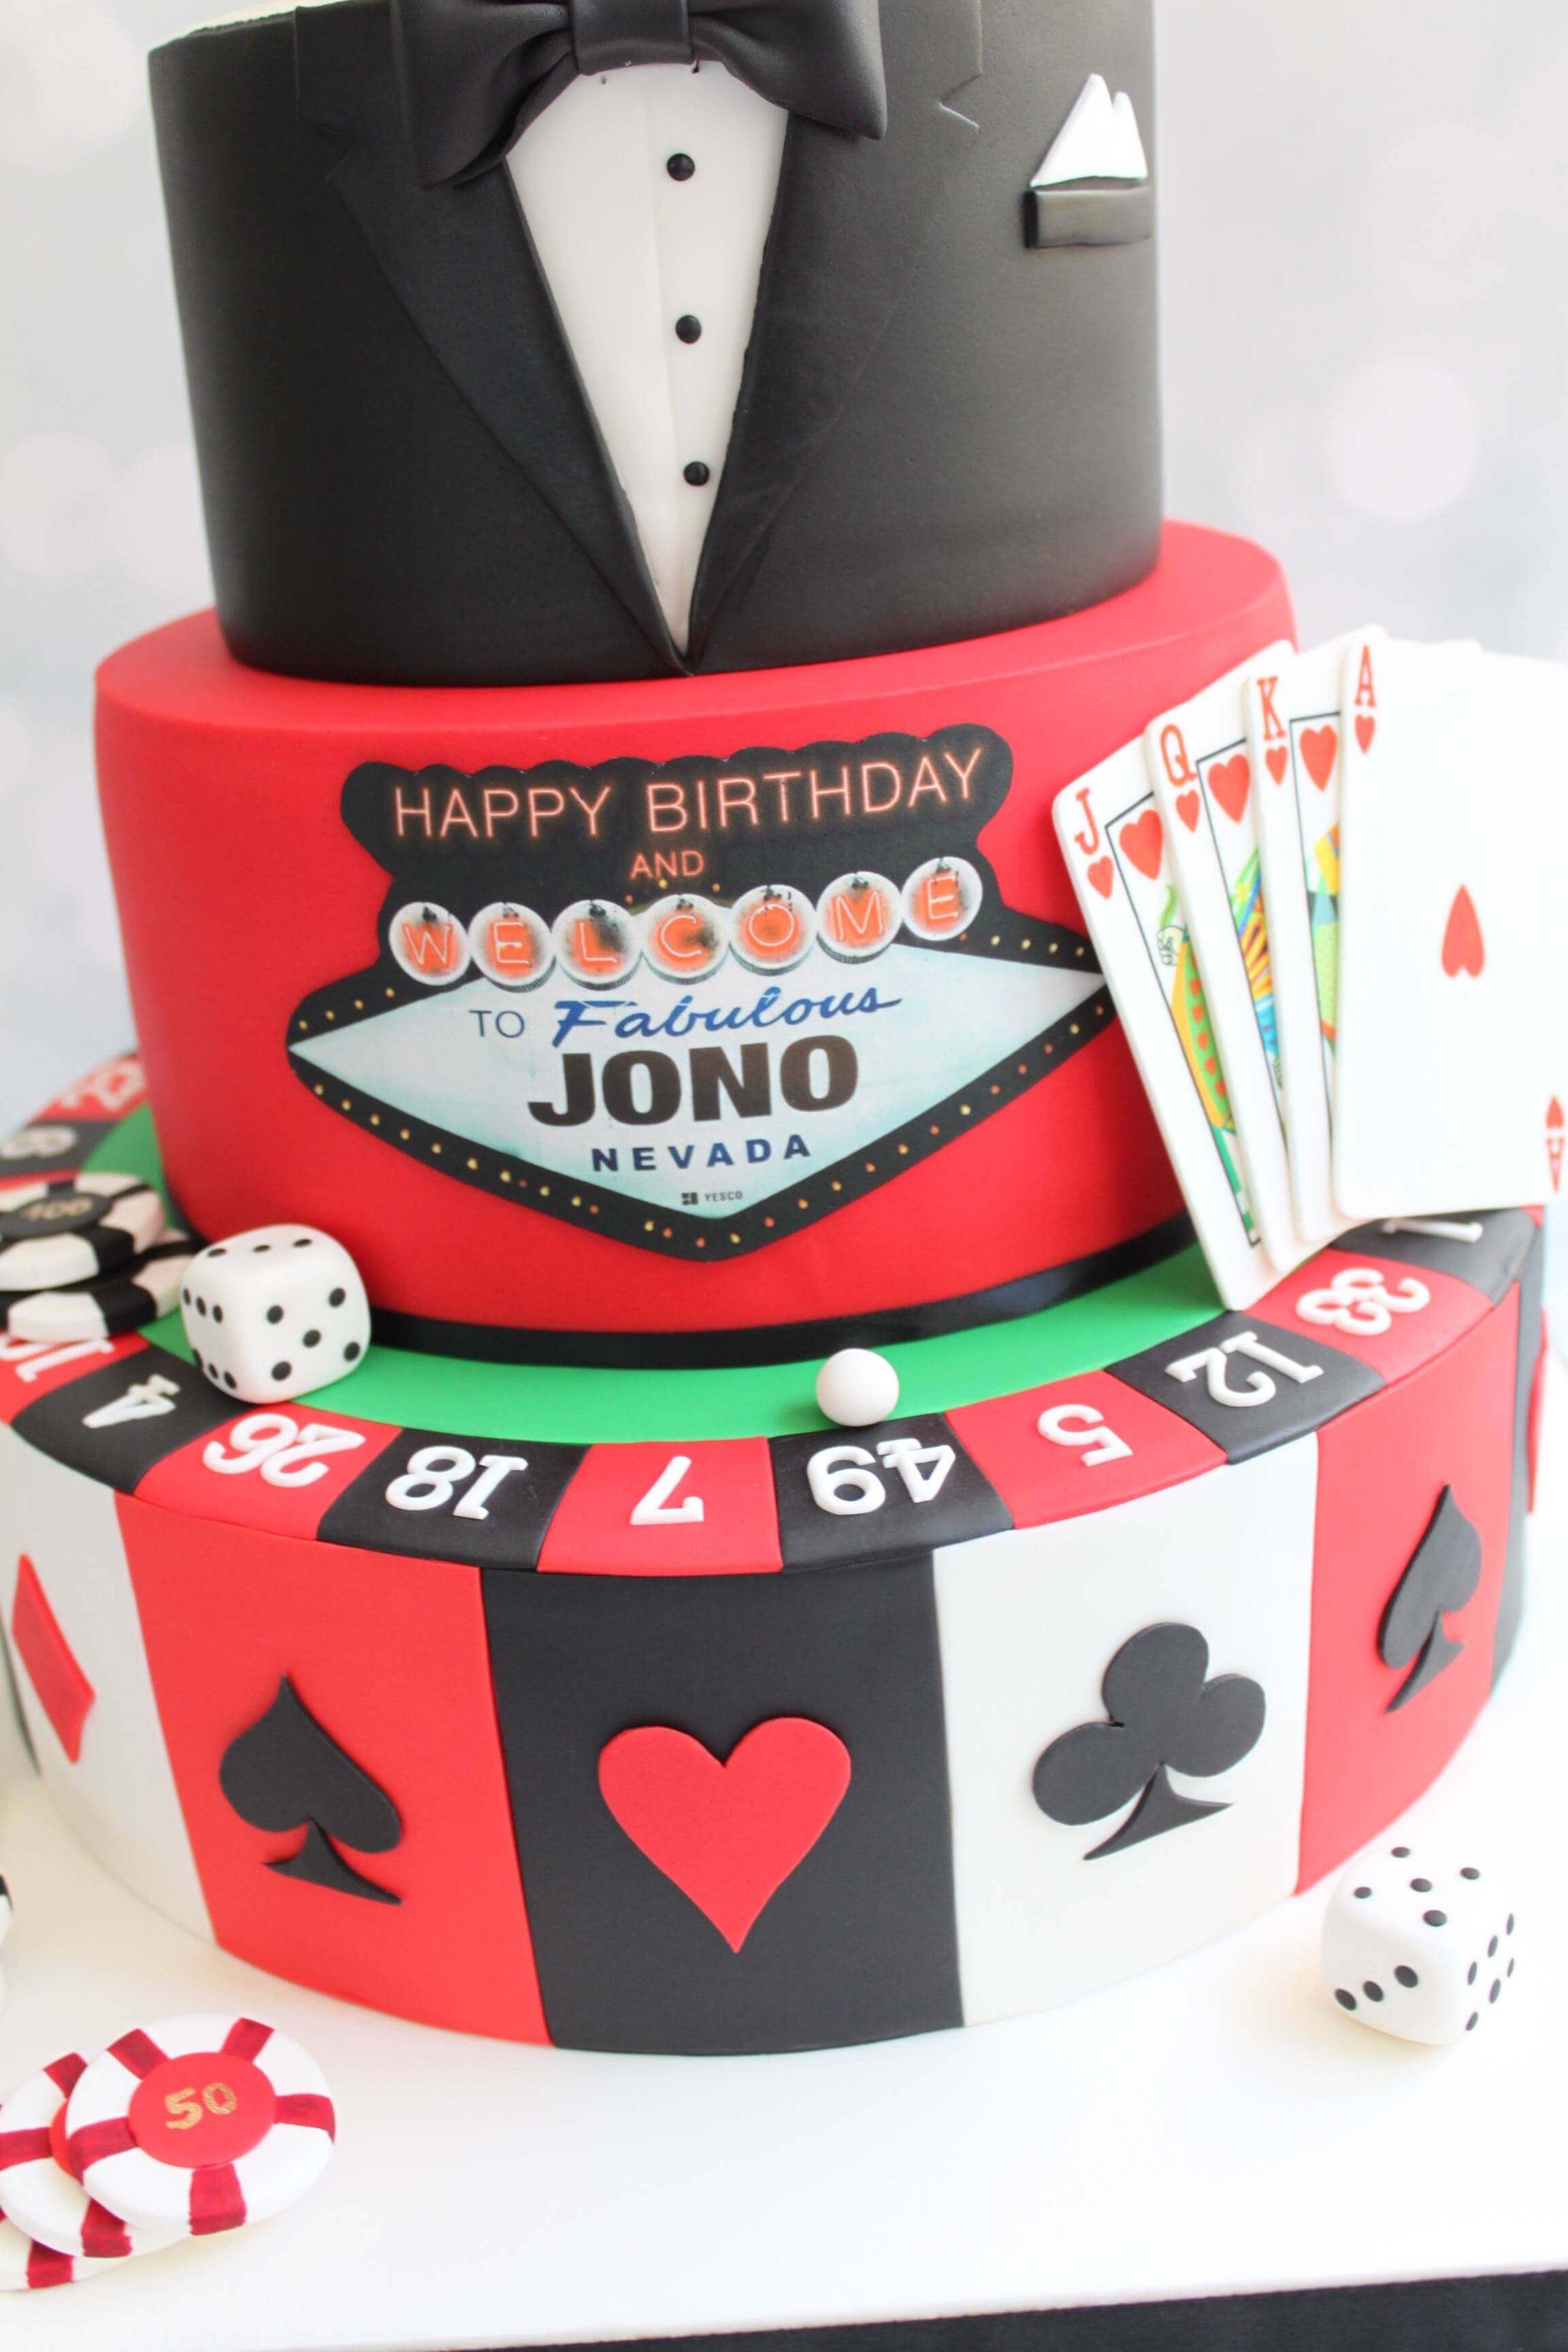 El equipo de una fiesta de cumpleaños Personalizado Redondo Comestible impreso un equipo Cake Topper